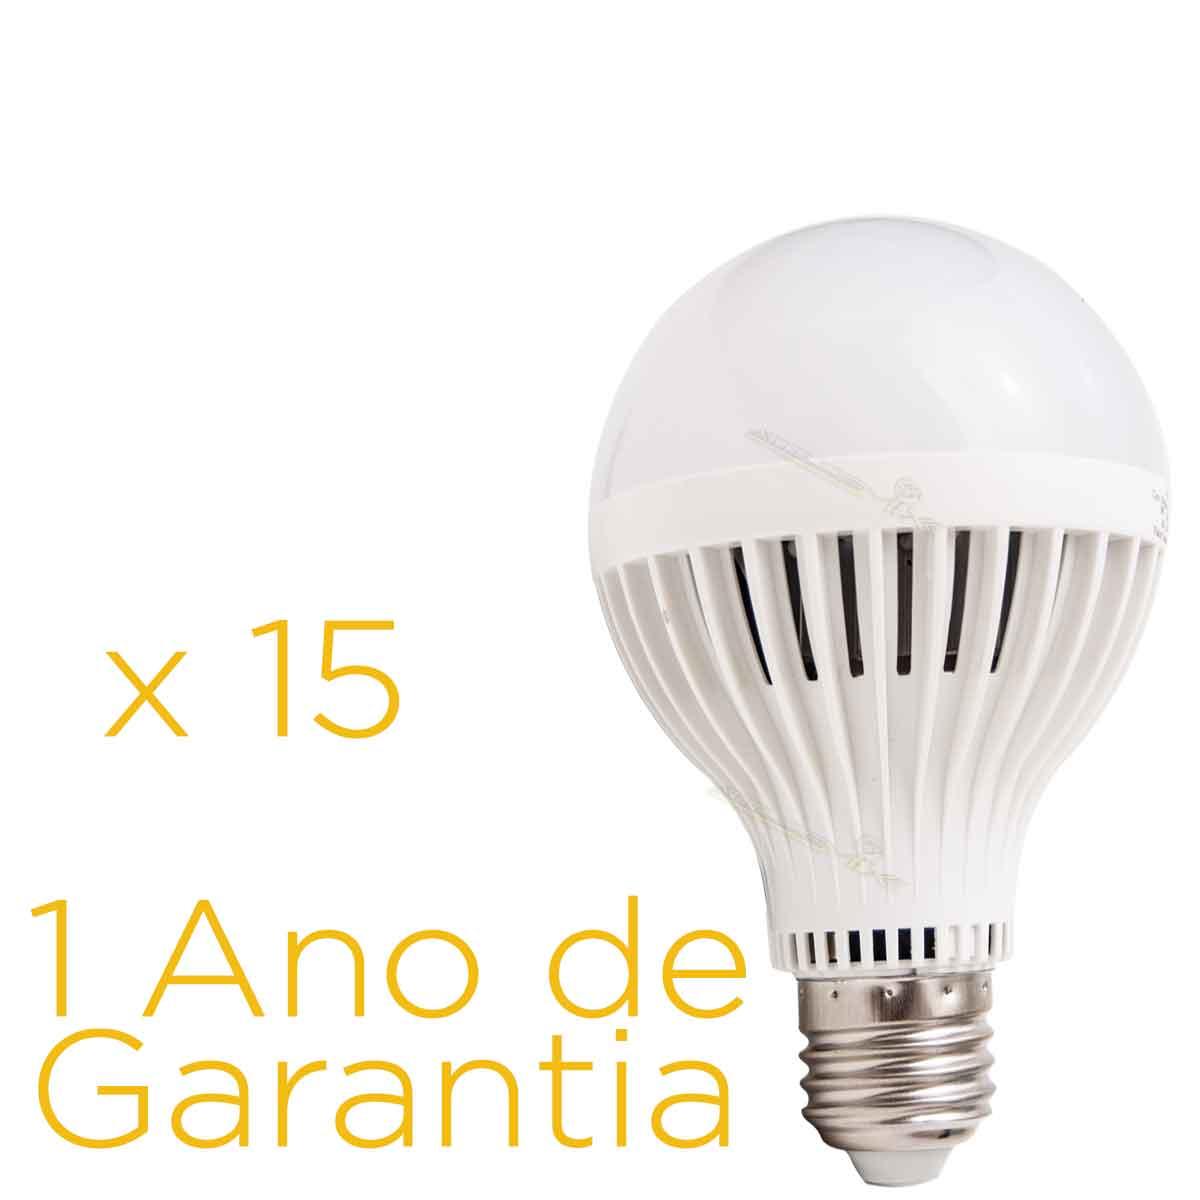 Kit 15 Lâmpadas Led 9w E27 Bulbo Bi-volt 90% Mais Econômico